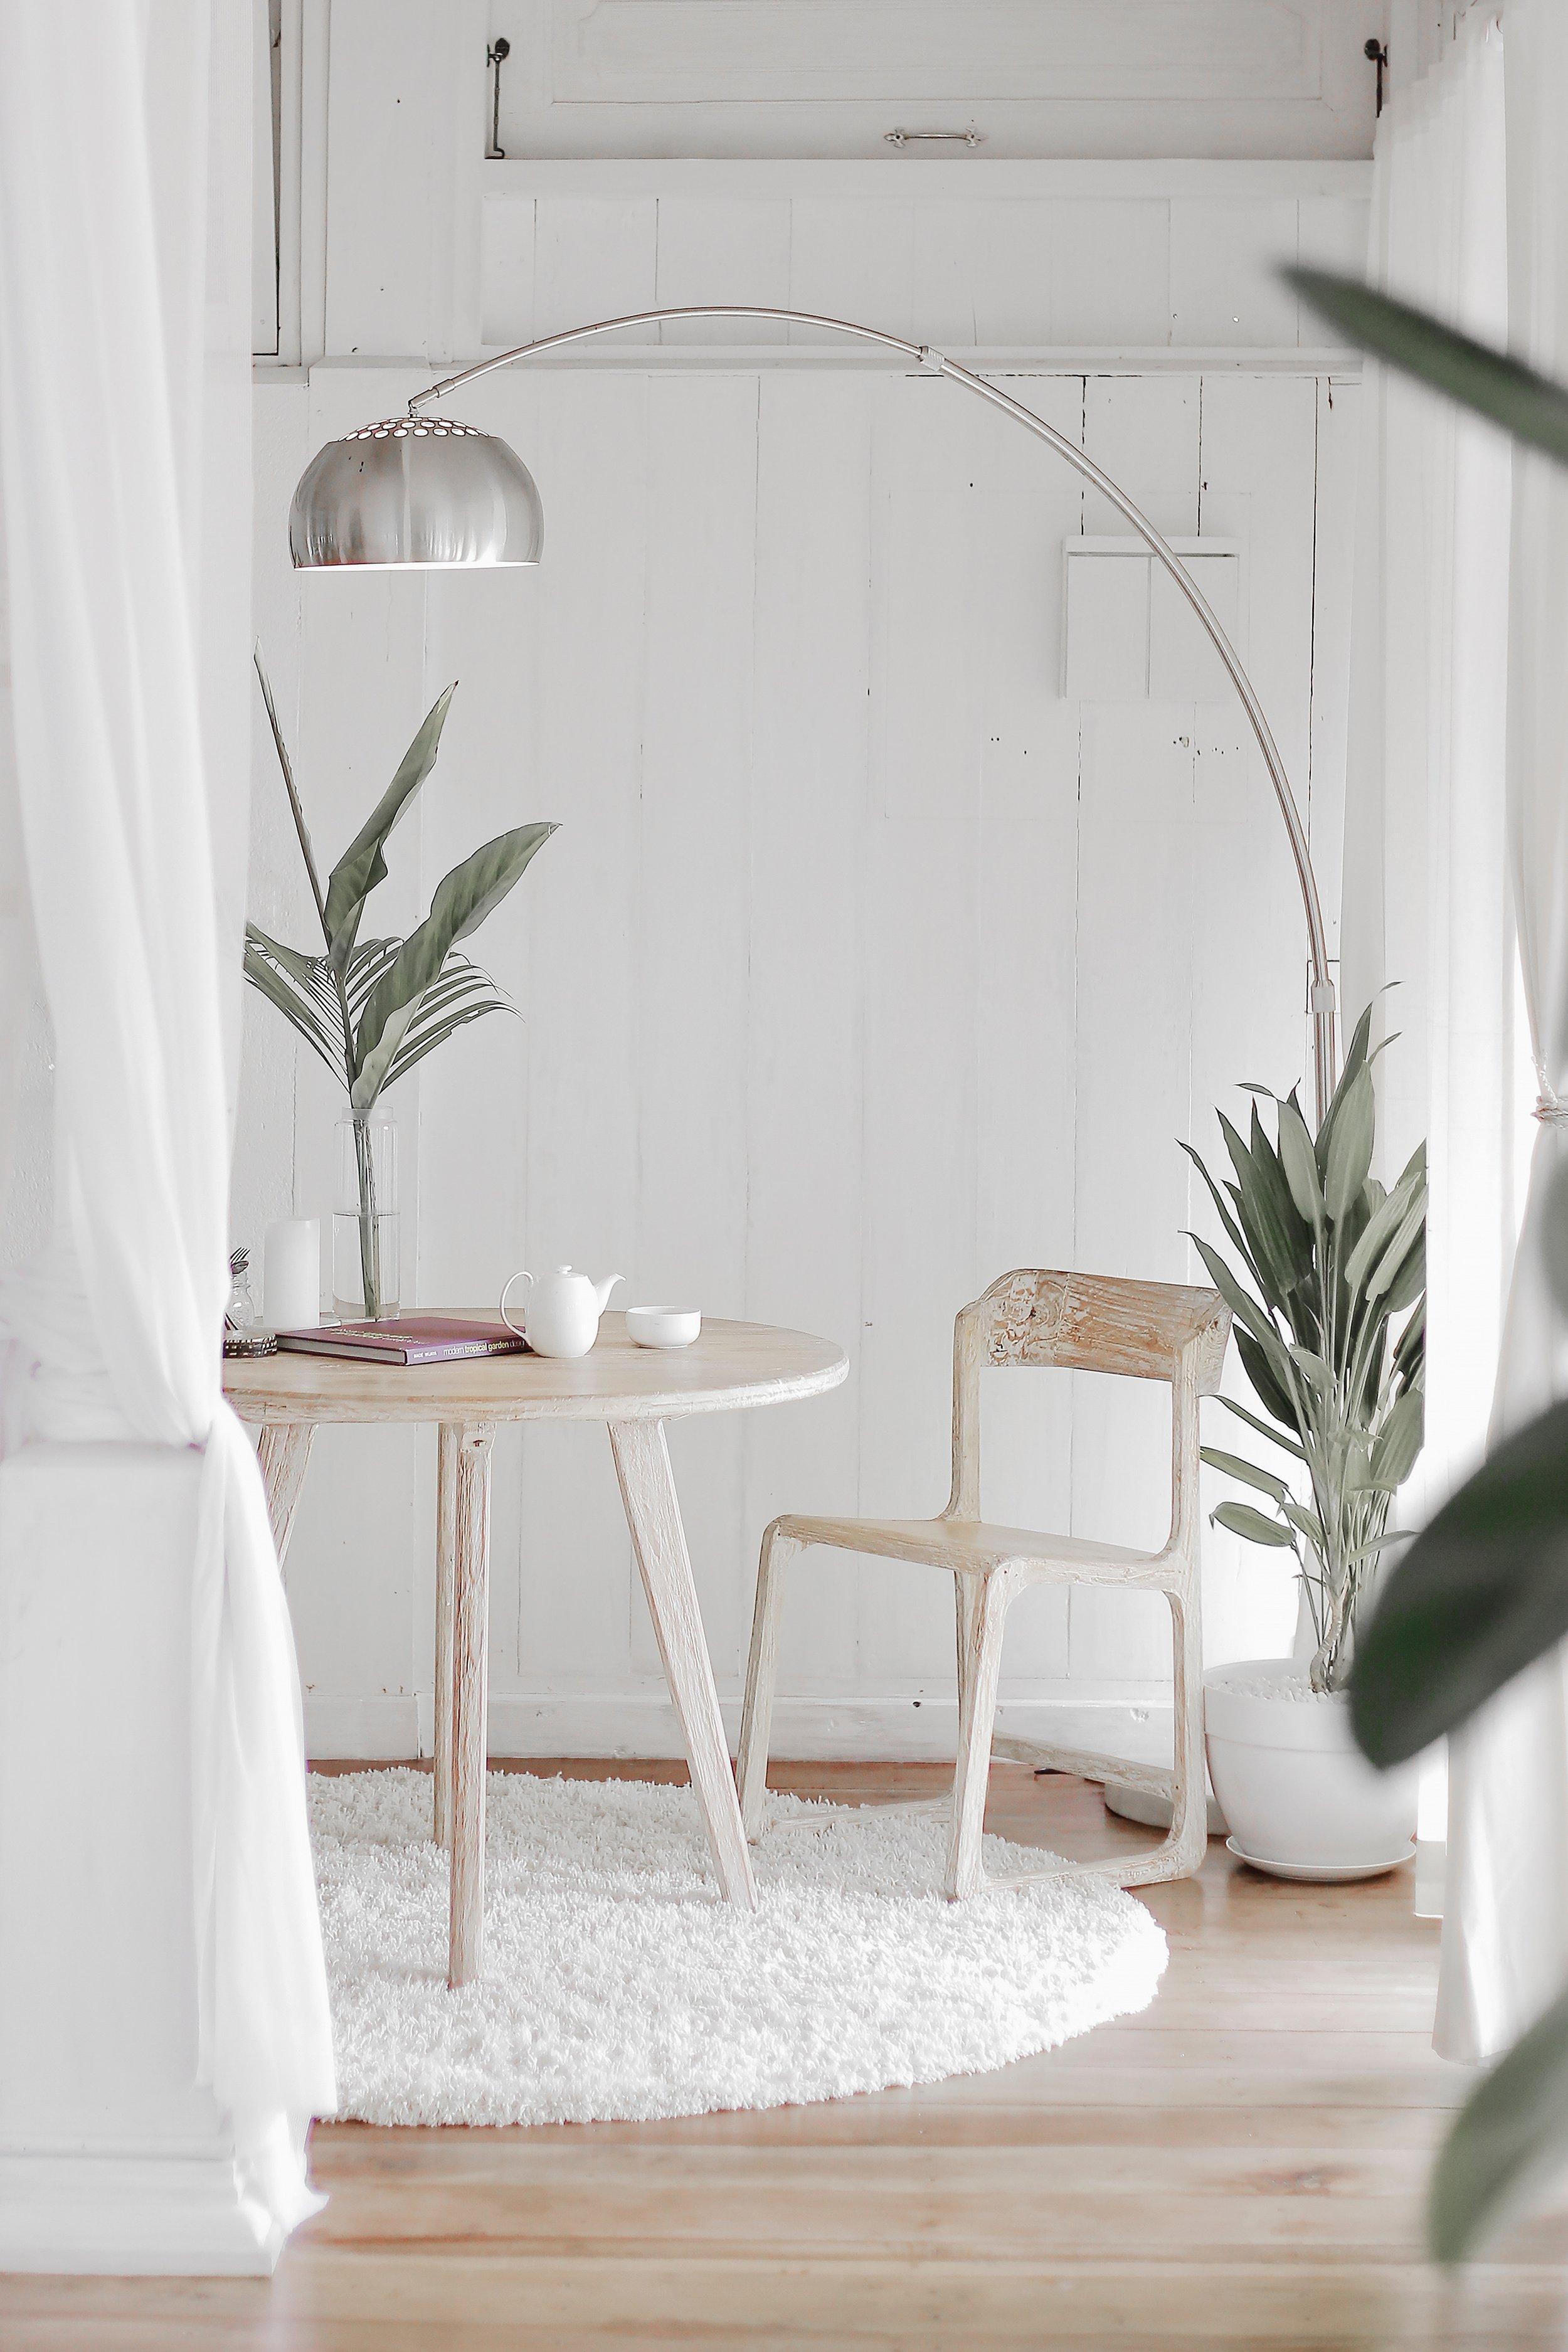 habit-retreat-detox-minimalist-kelowna